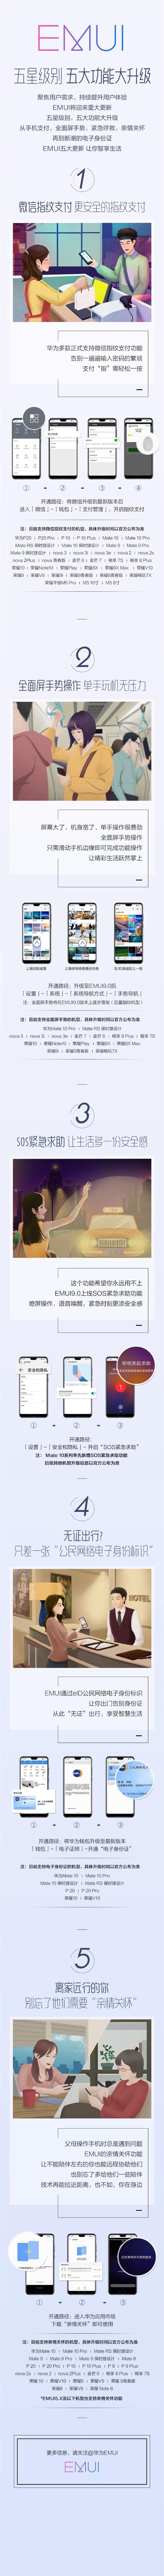 老机型即将获得更新华为EMUI 9.0五大功能了解下